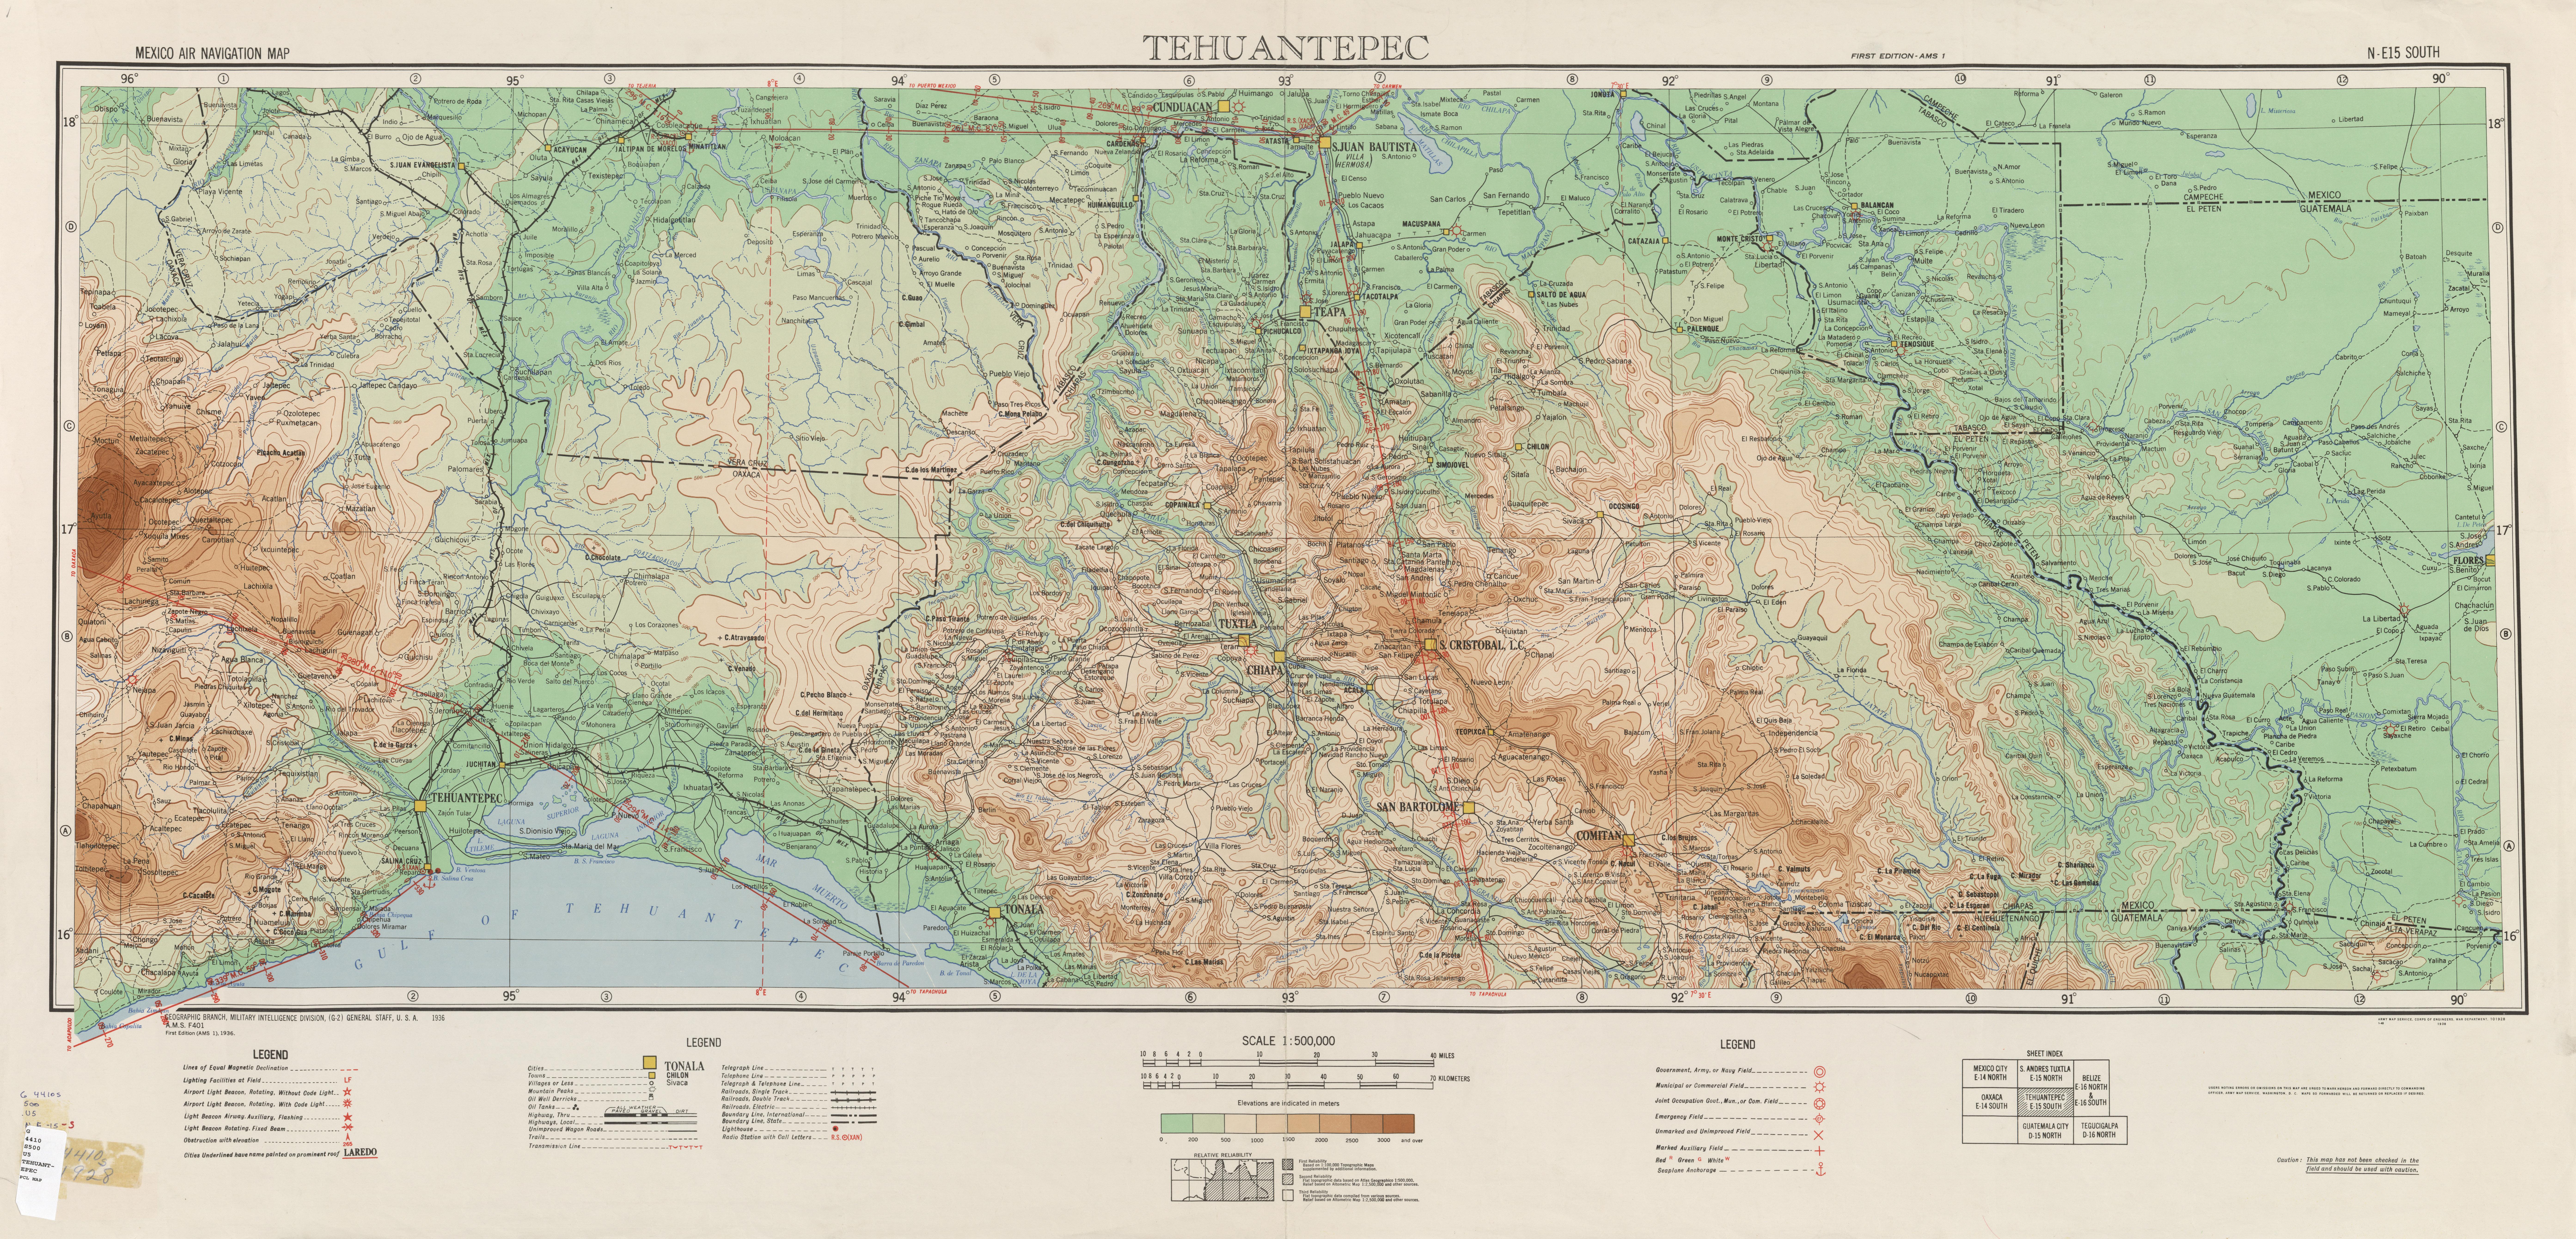 tehuantepec sheet ne 15 s 1500000 133 mb